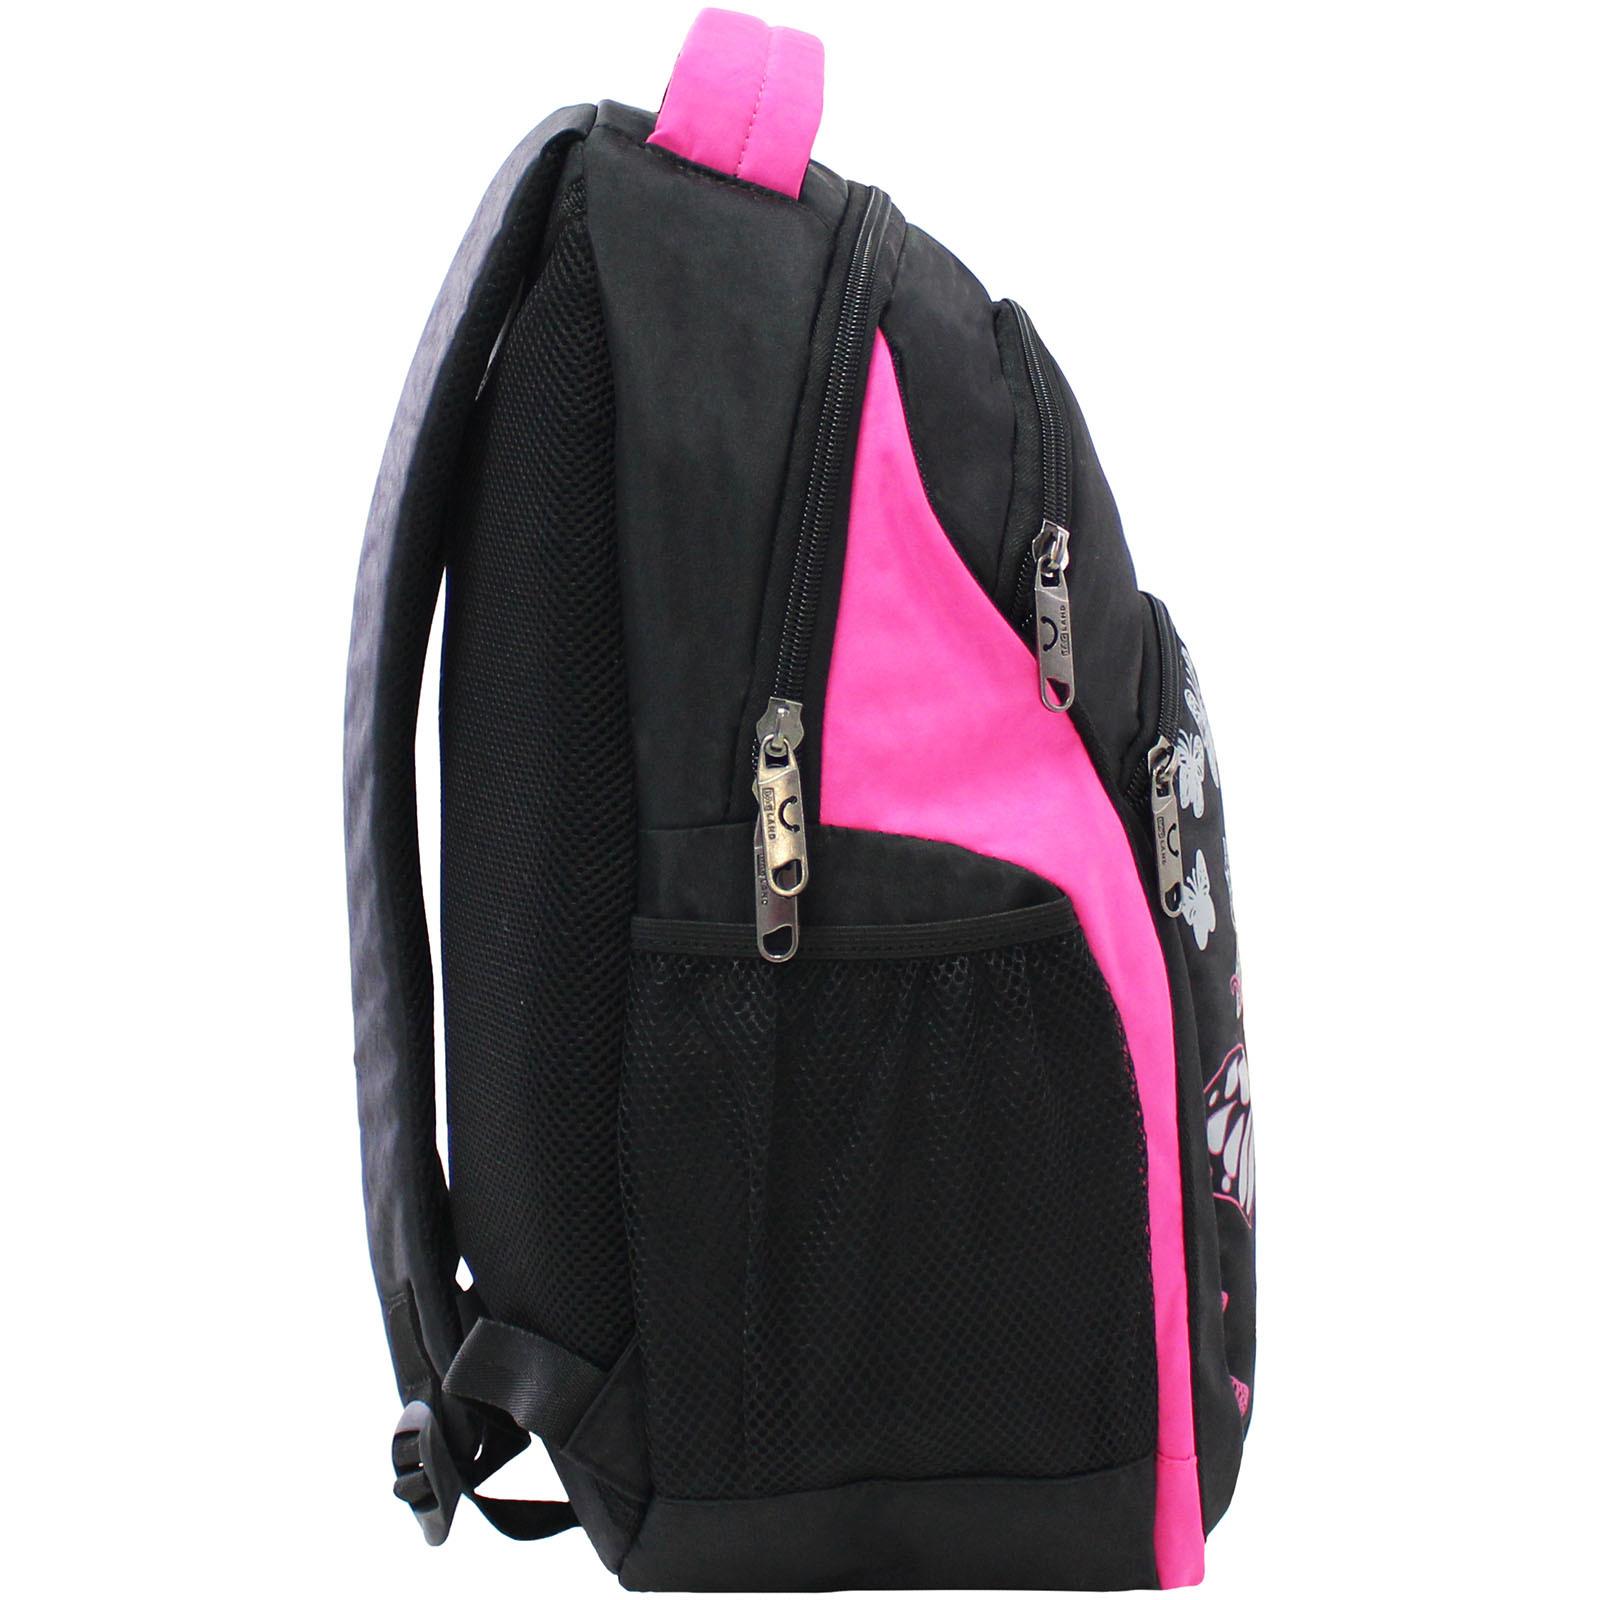 Рюкзак Bagland Лик 21 л. Чёрный / розовый (0055770) фото 2